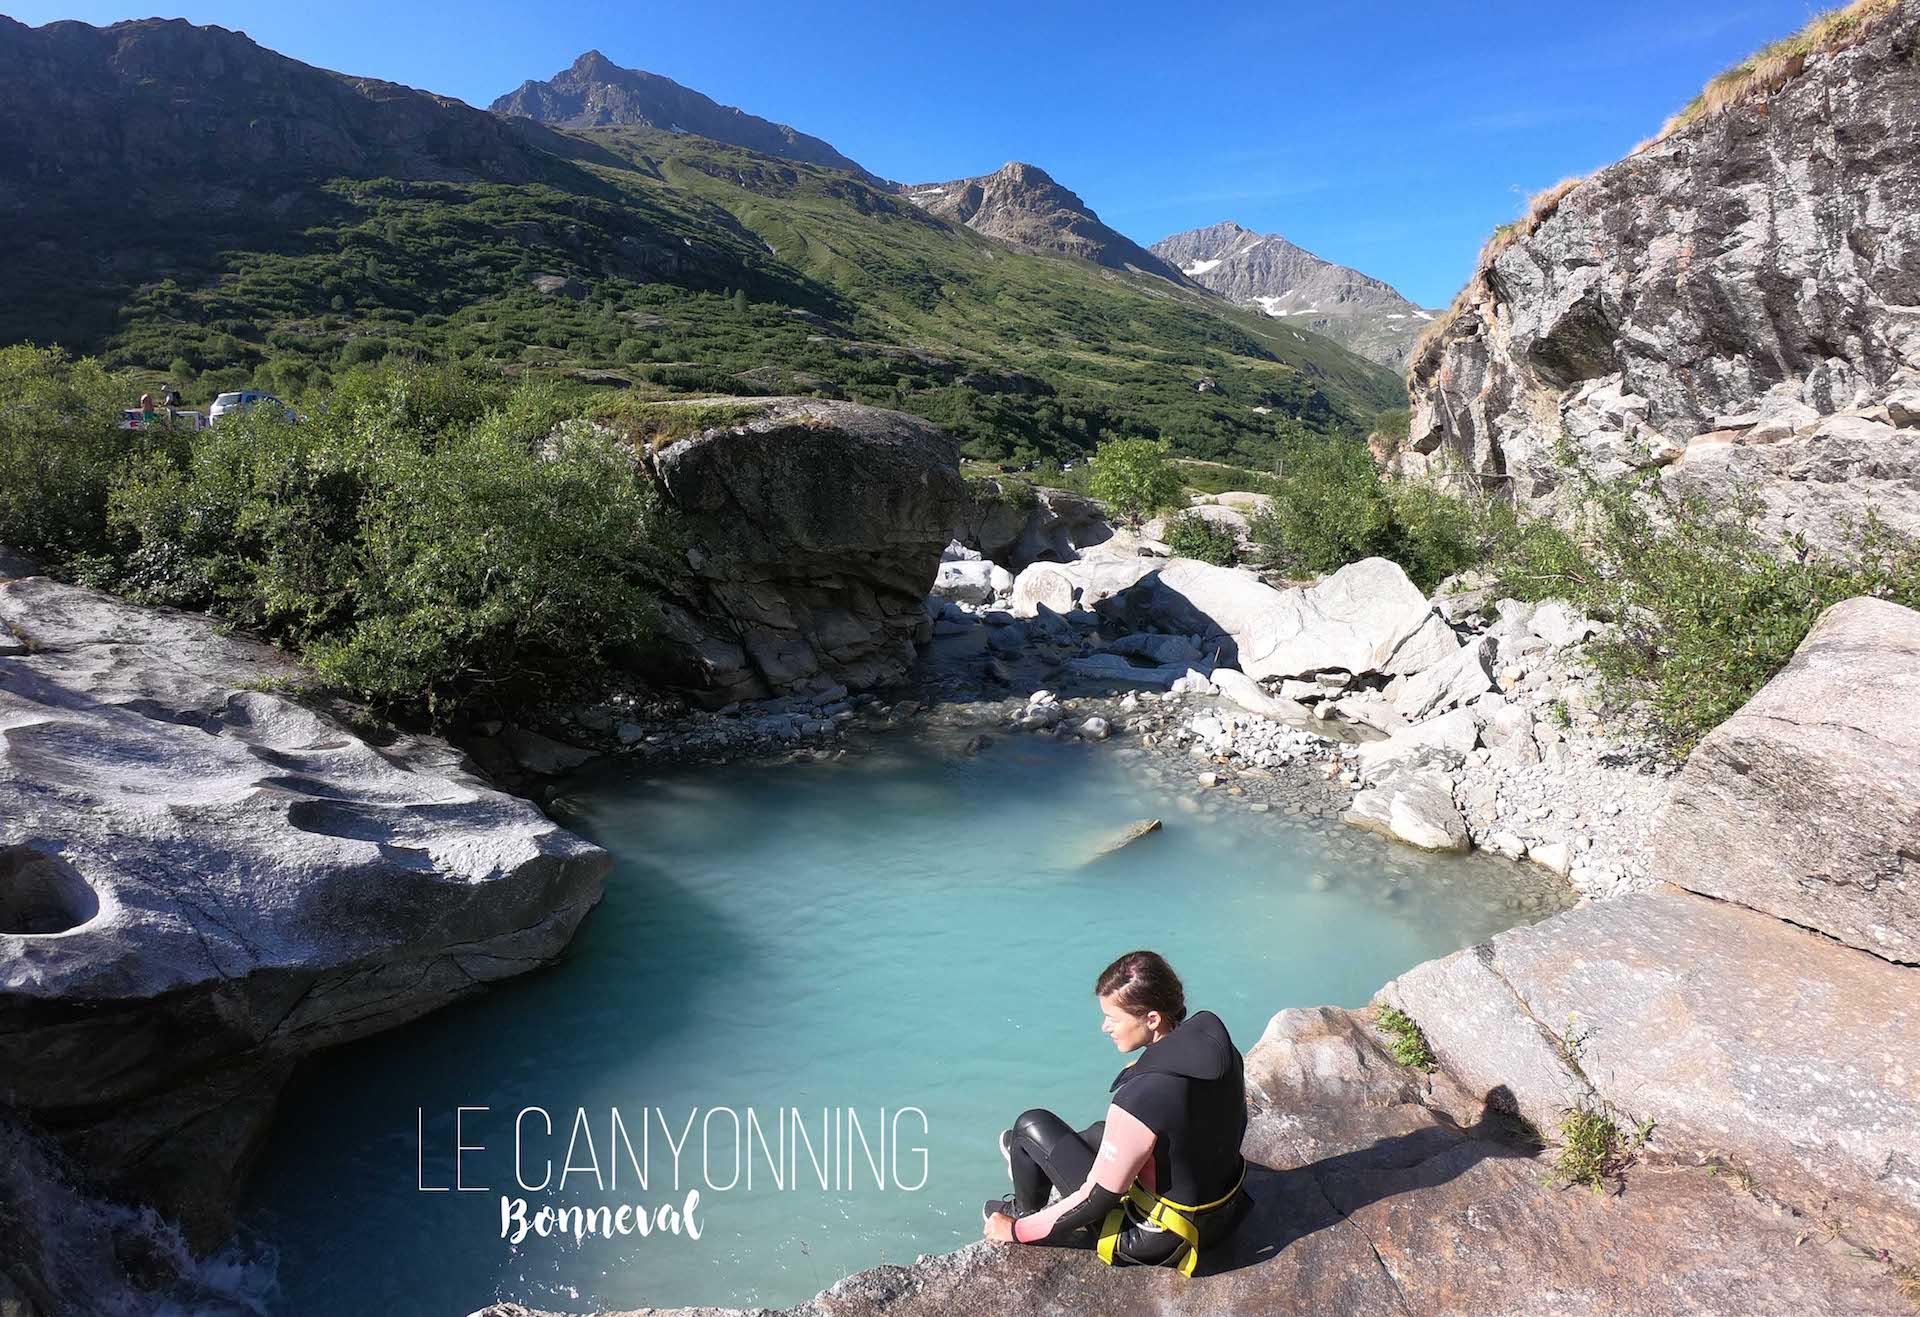 Activités à faire en montagne : le canyonning